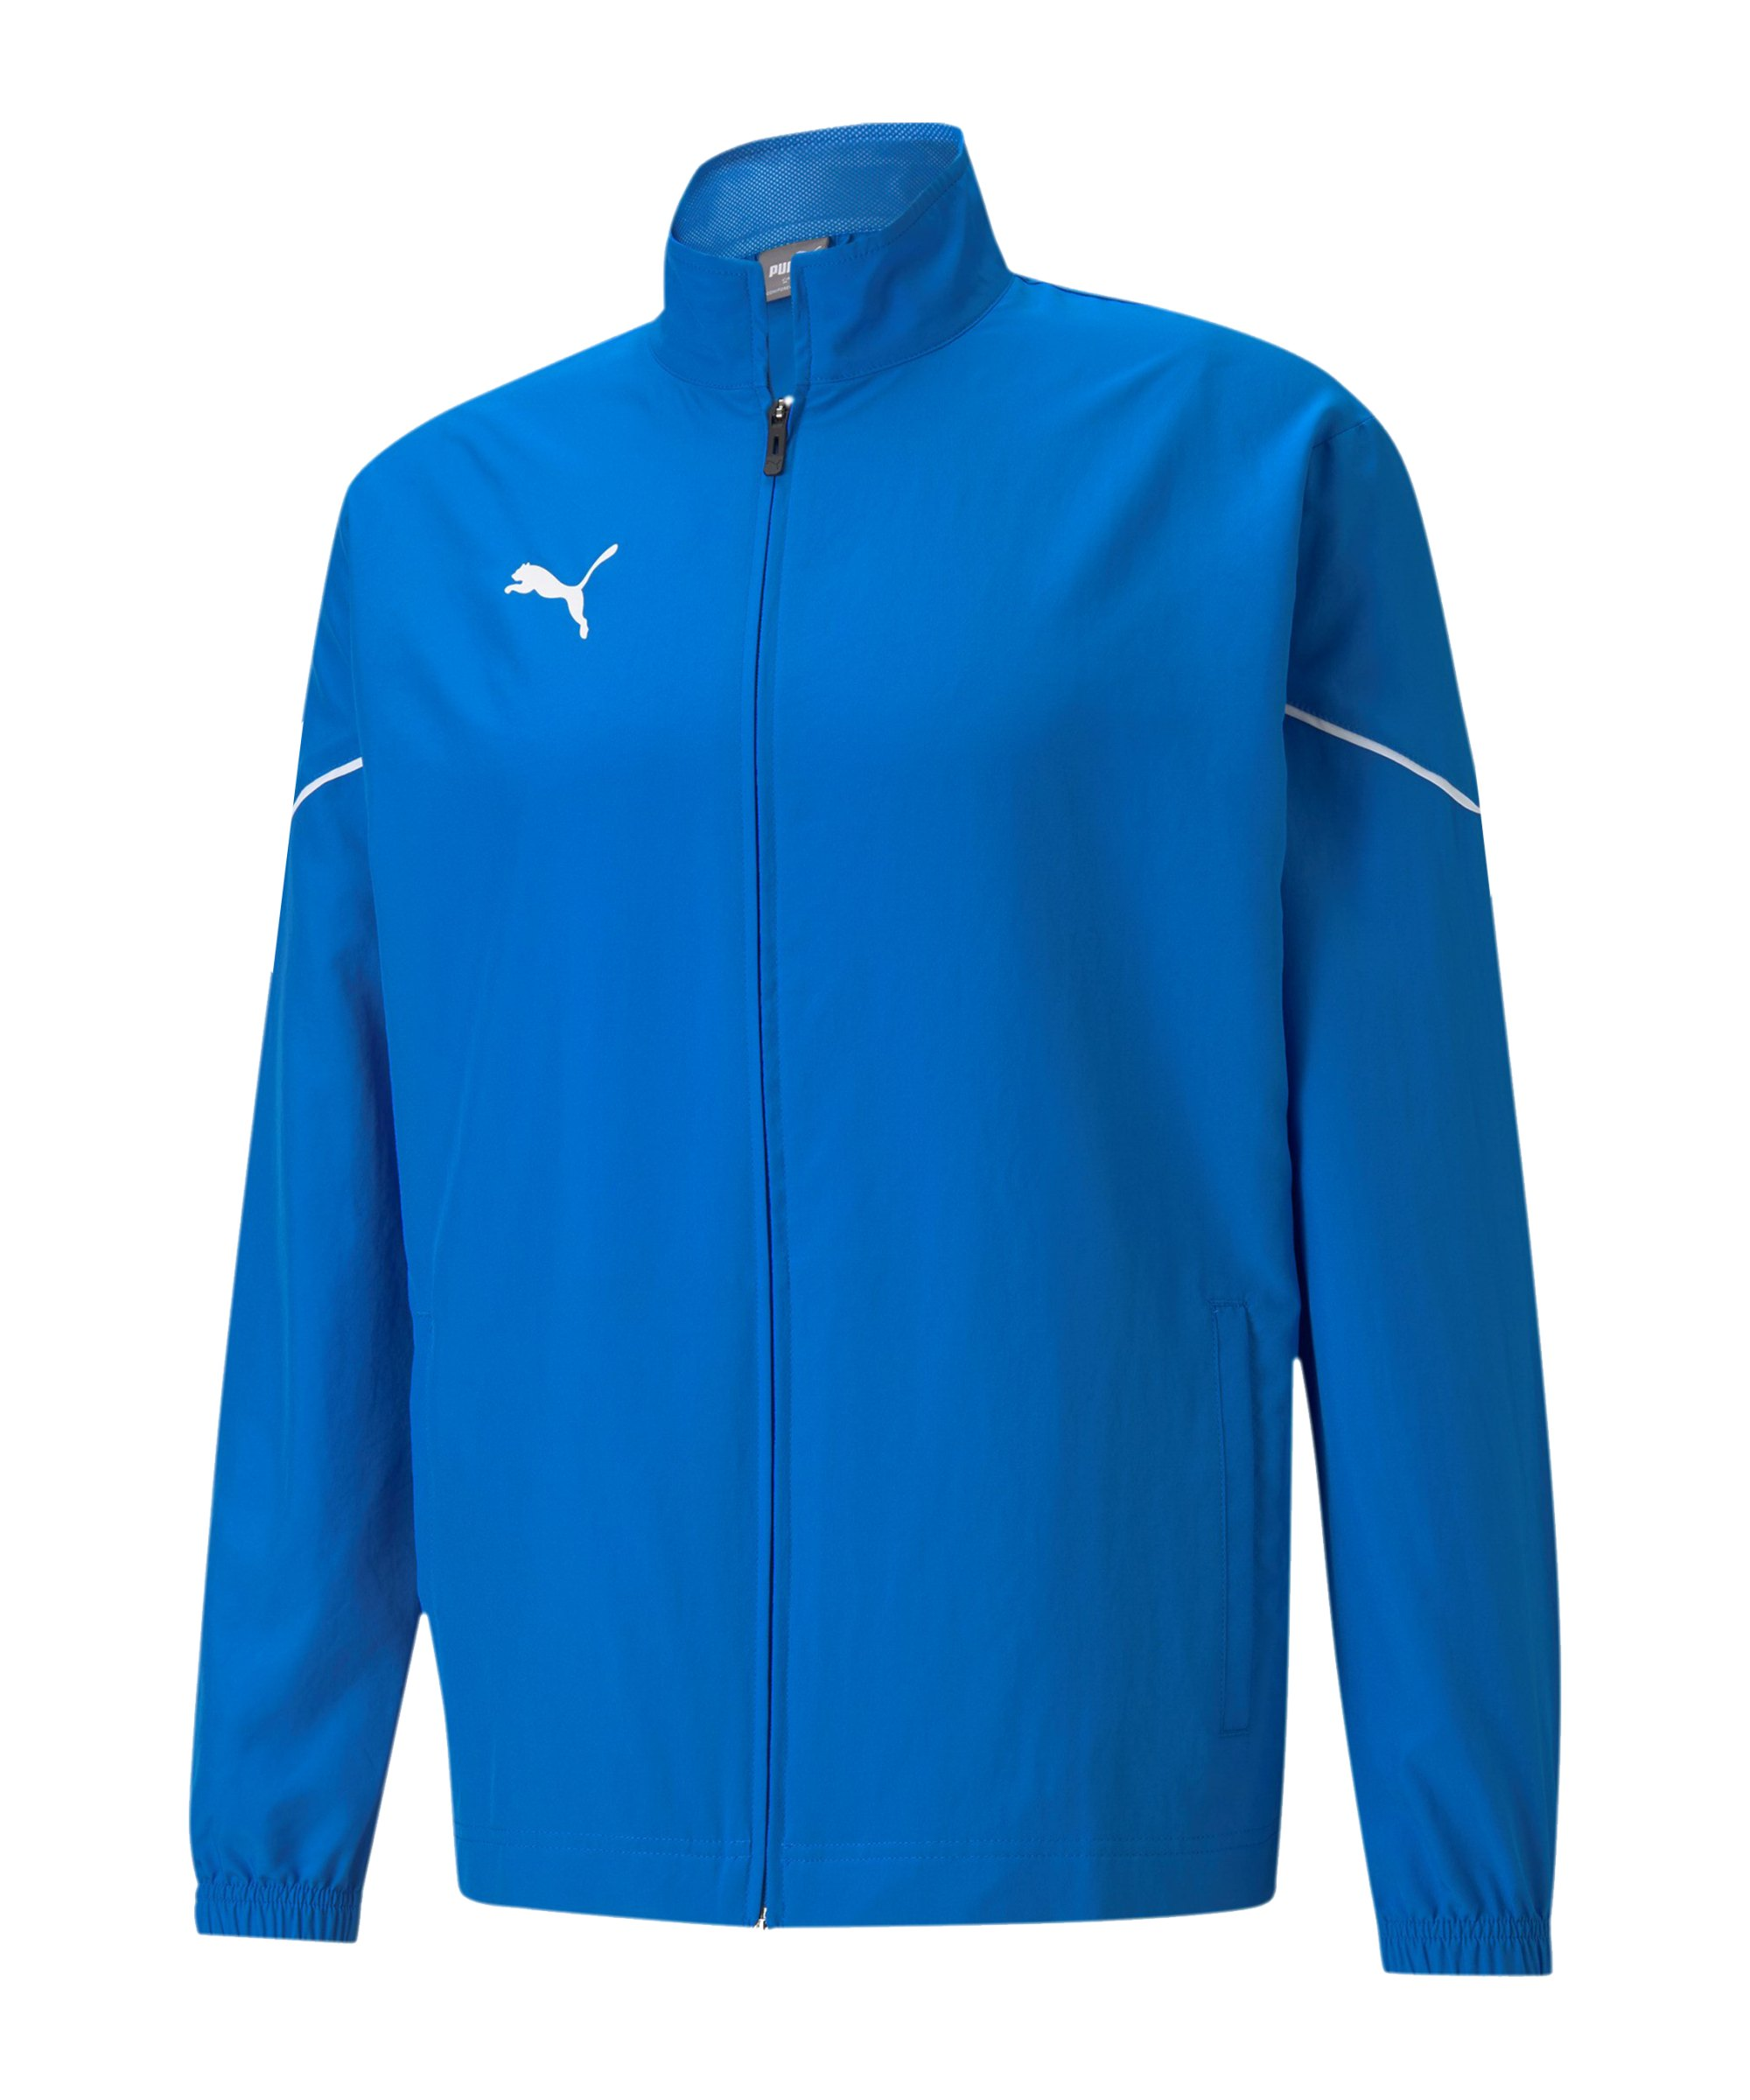 PUMA teamRISE Sideline Trainingsjacke Blau F02 - blau